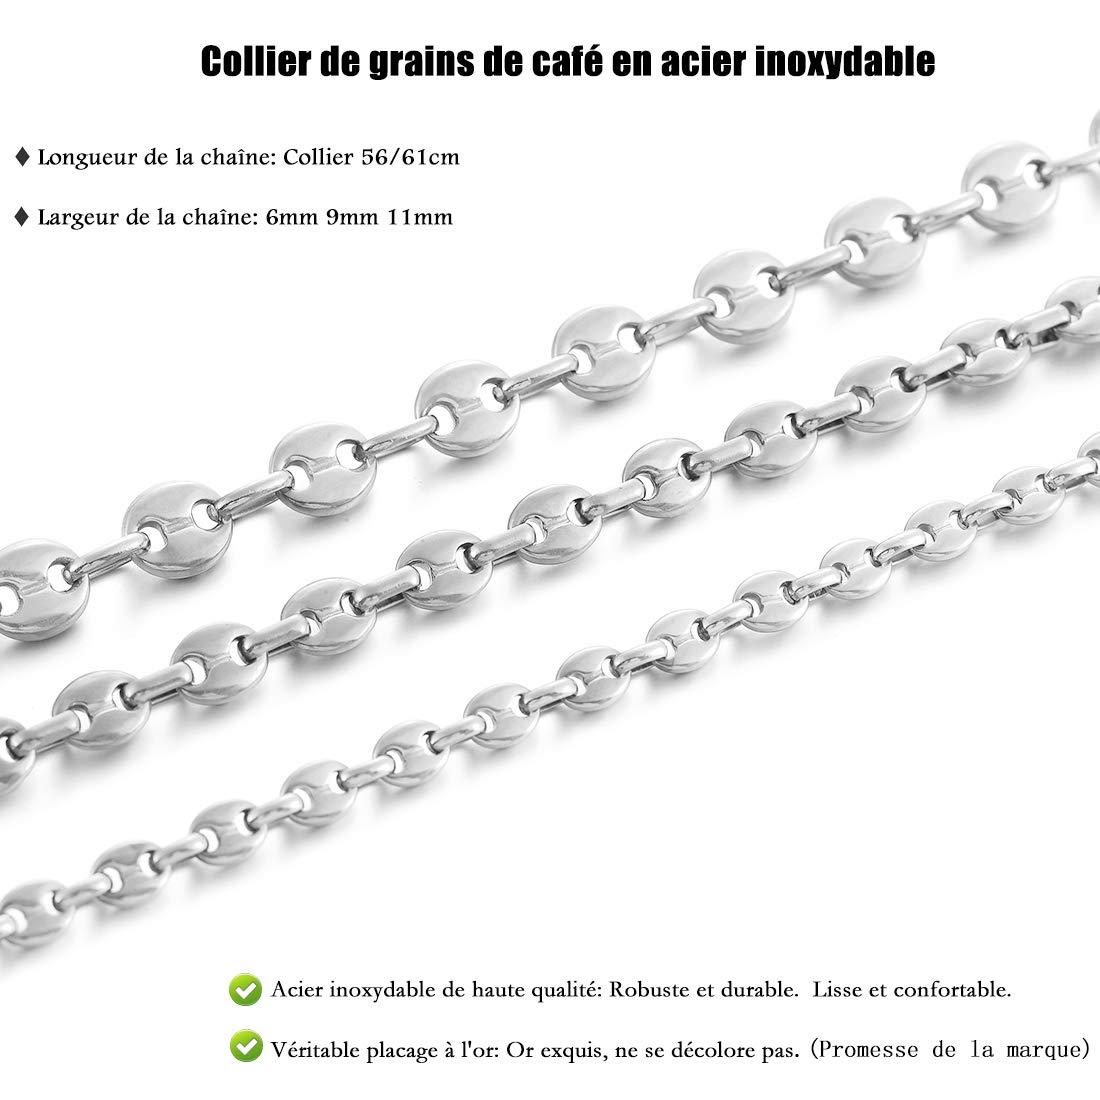 AFSTALR Collier Grain de Caf/é Chaine Maille Homme Collier Biker en Acier Inoxydable Argent Or Noir (6mm 9mm 11mm